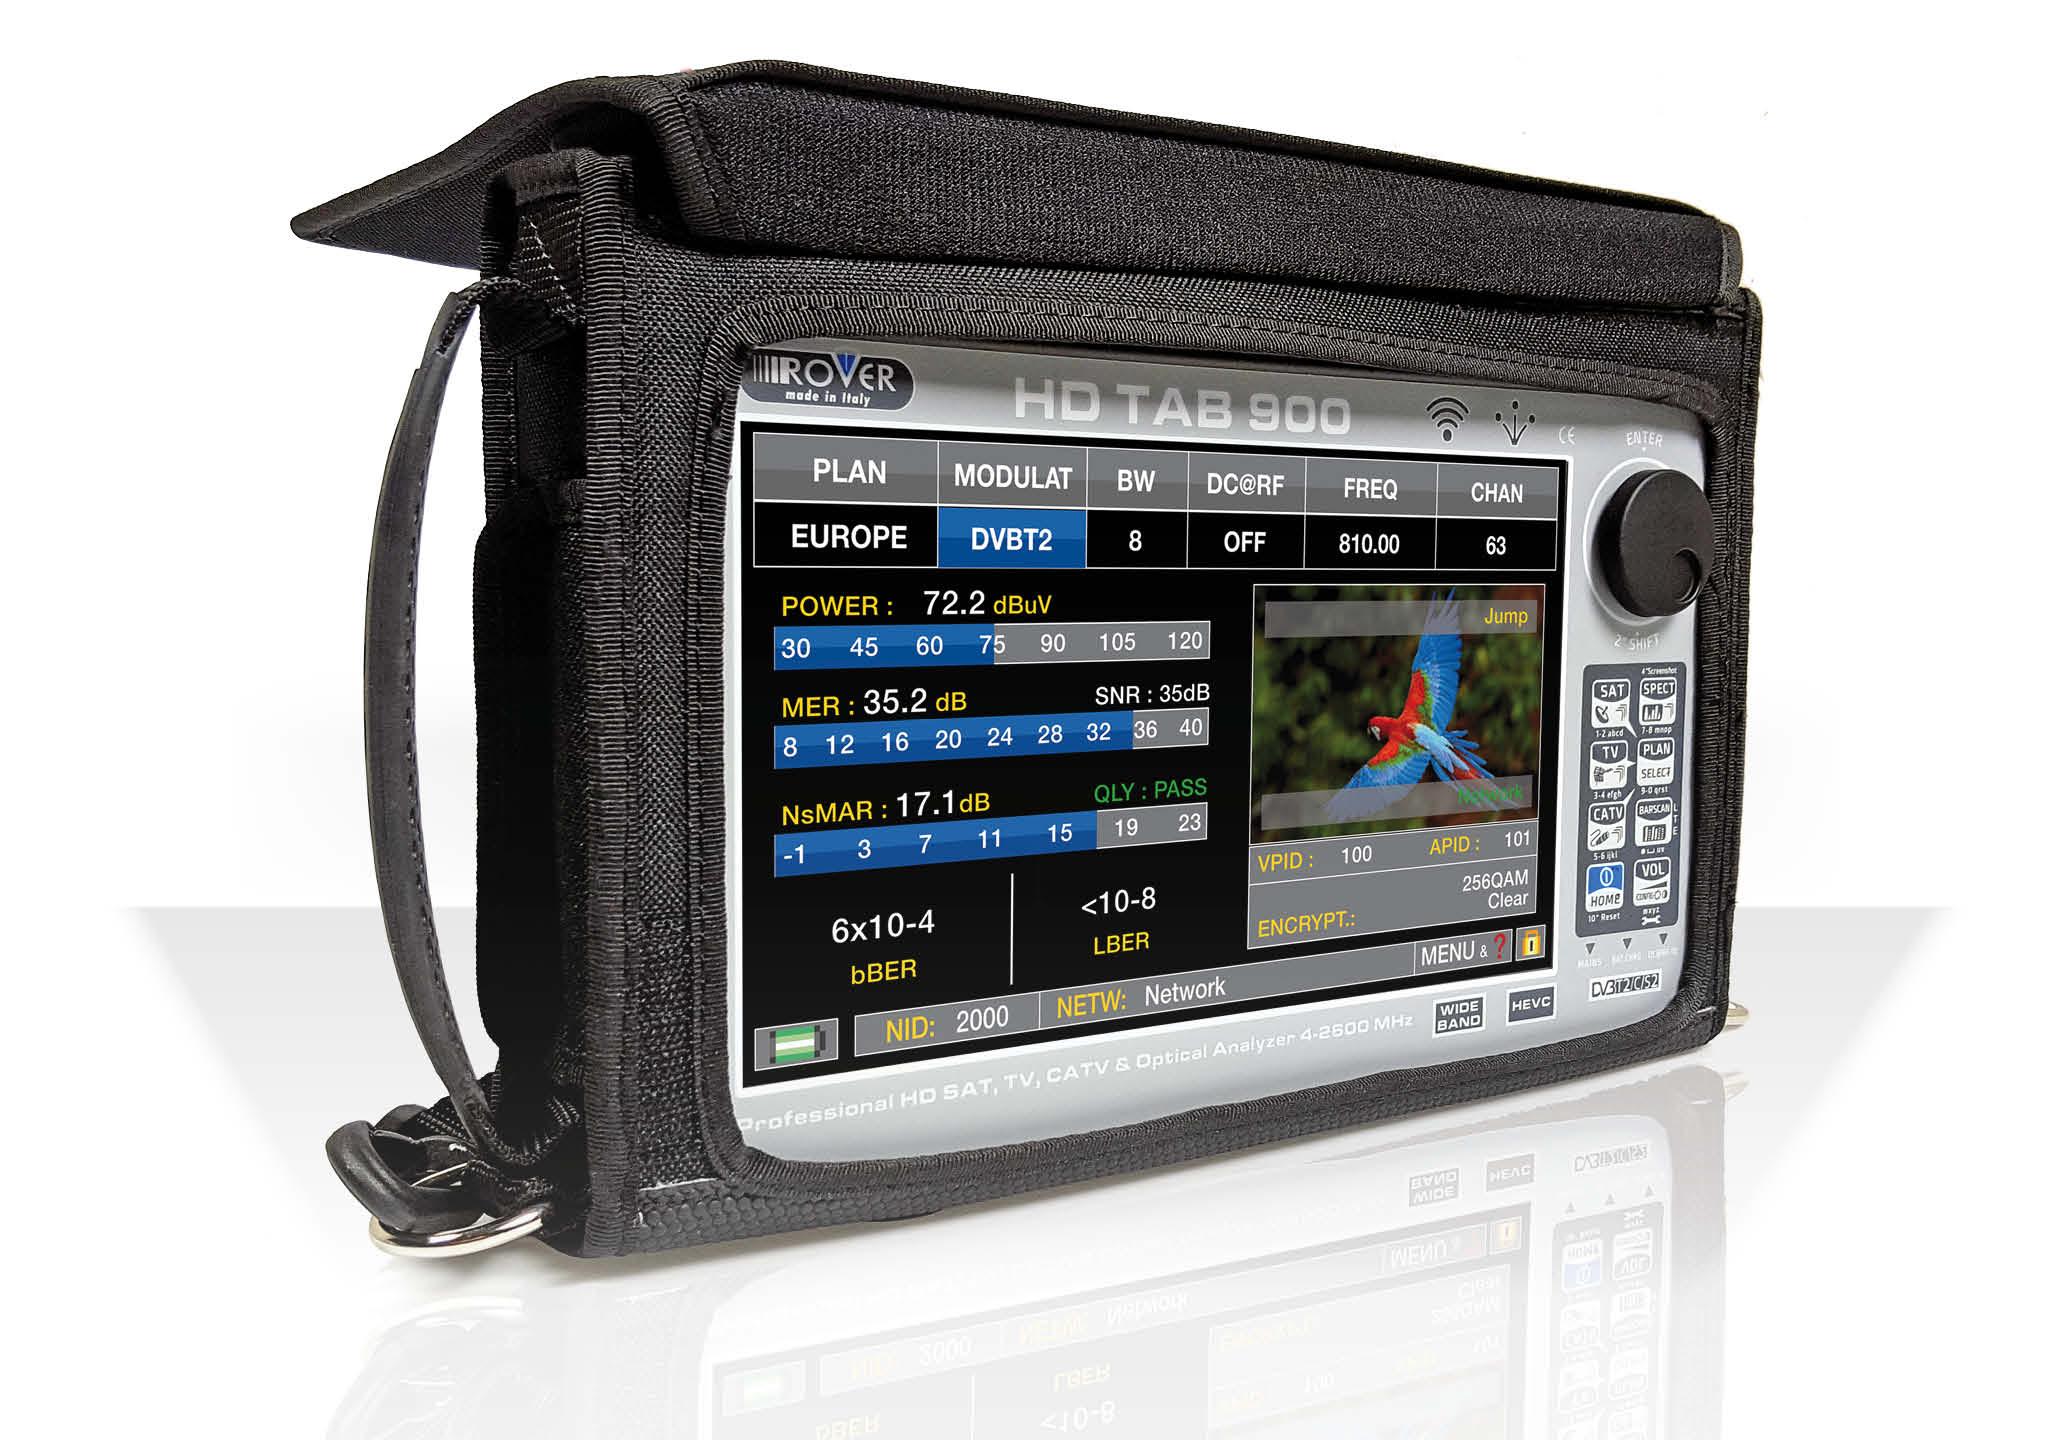 ROVER-HD-TAB-900-Plus